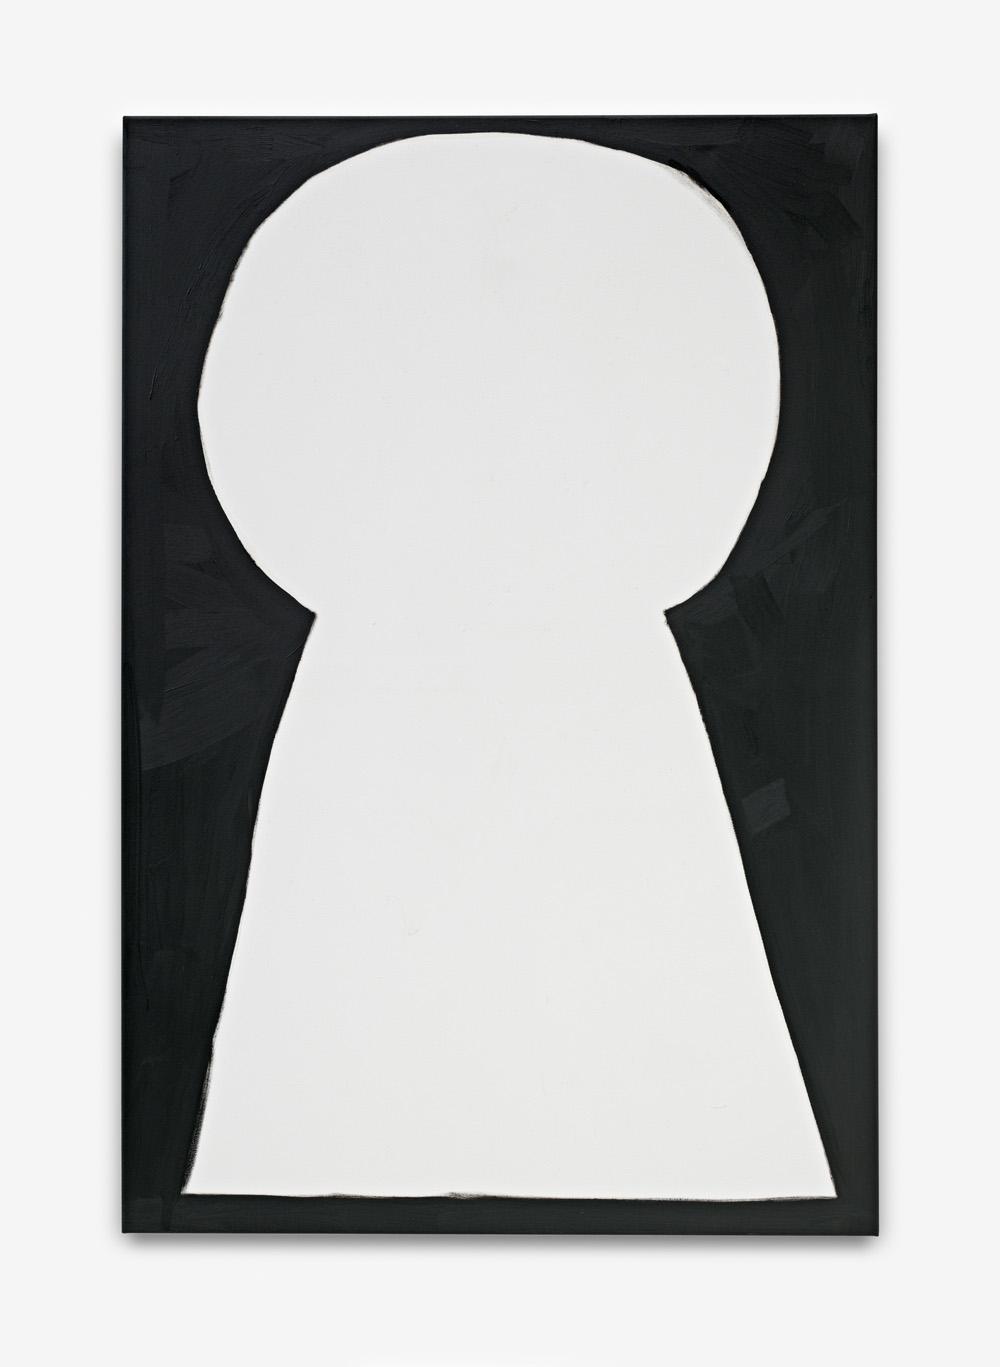 Leon Eisermann, Keyhole 1.0, 2016 oil on canvas 150 x 100 cm (3)